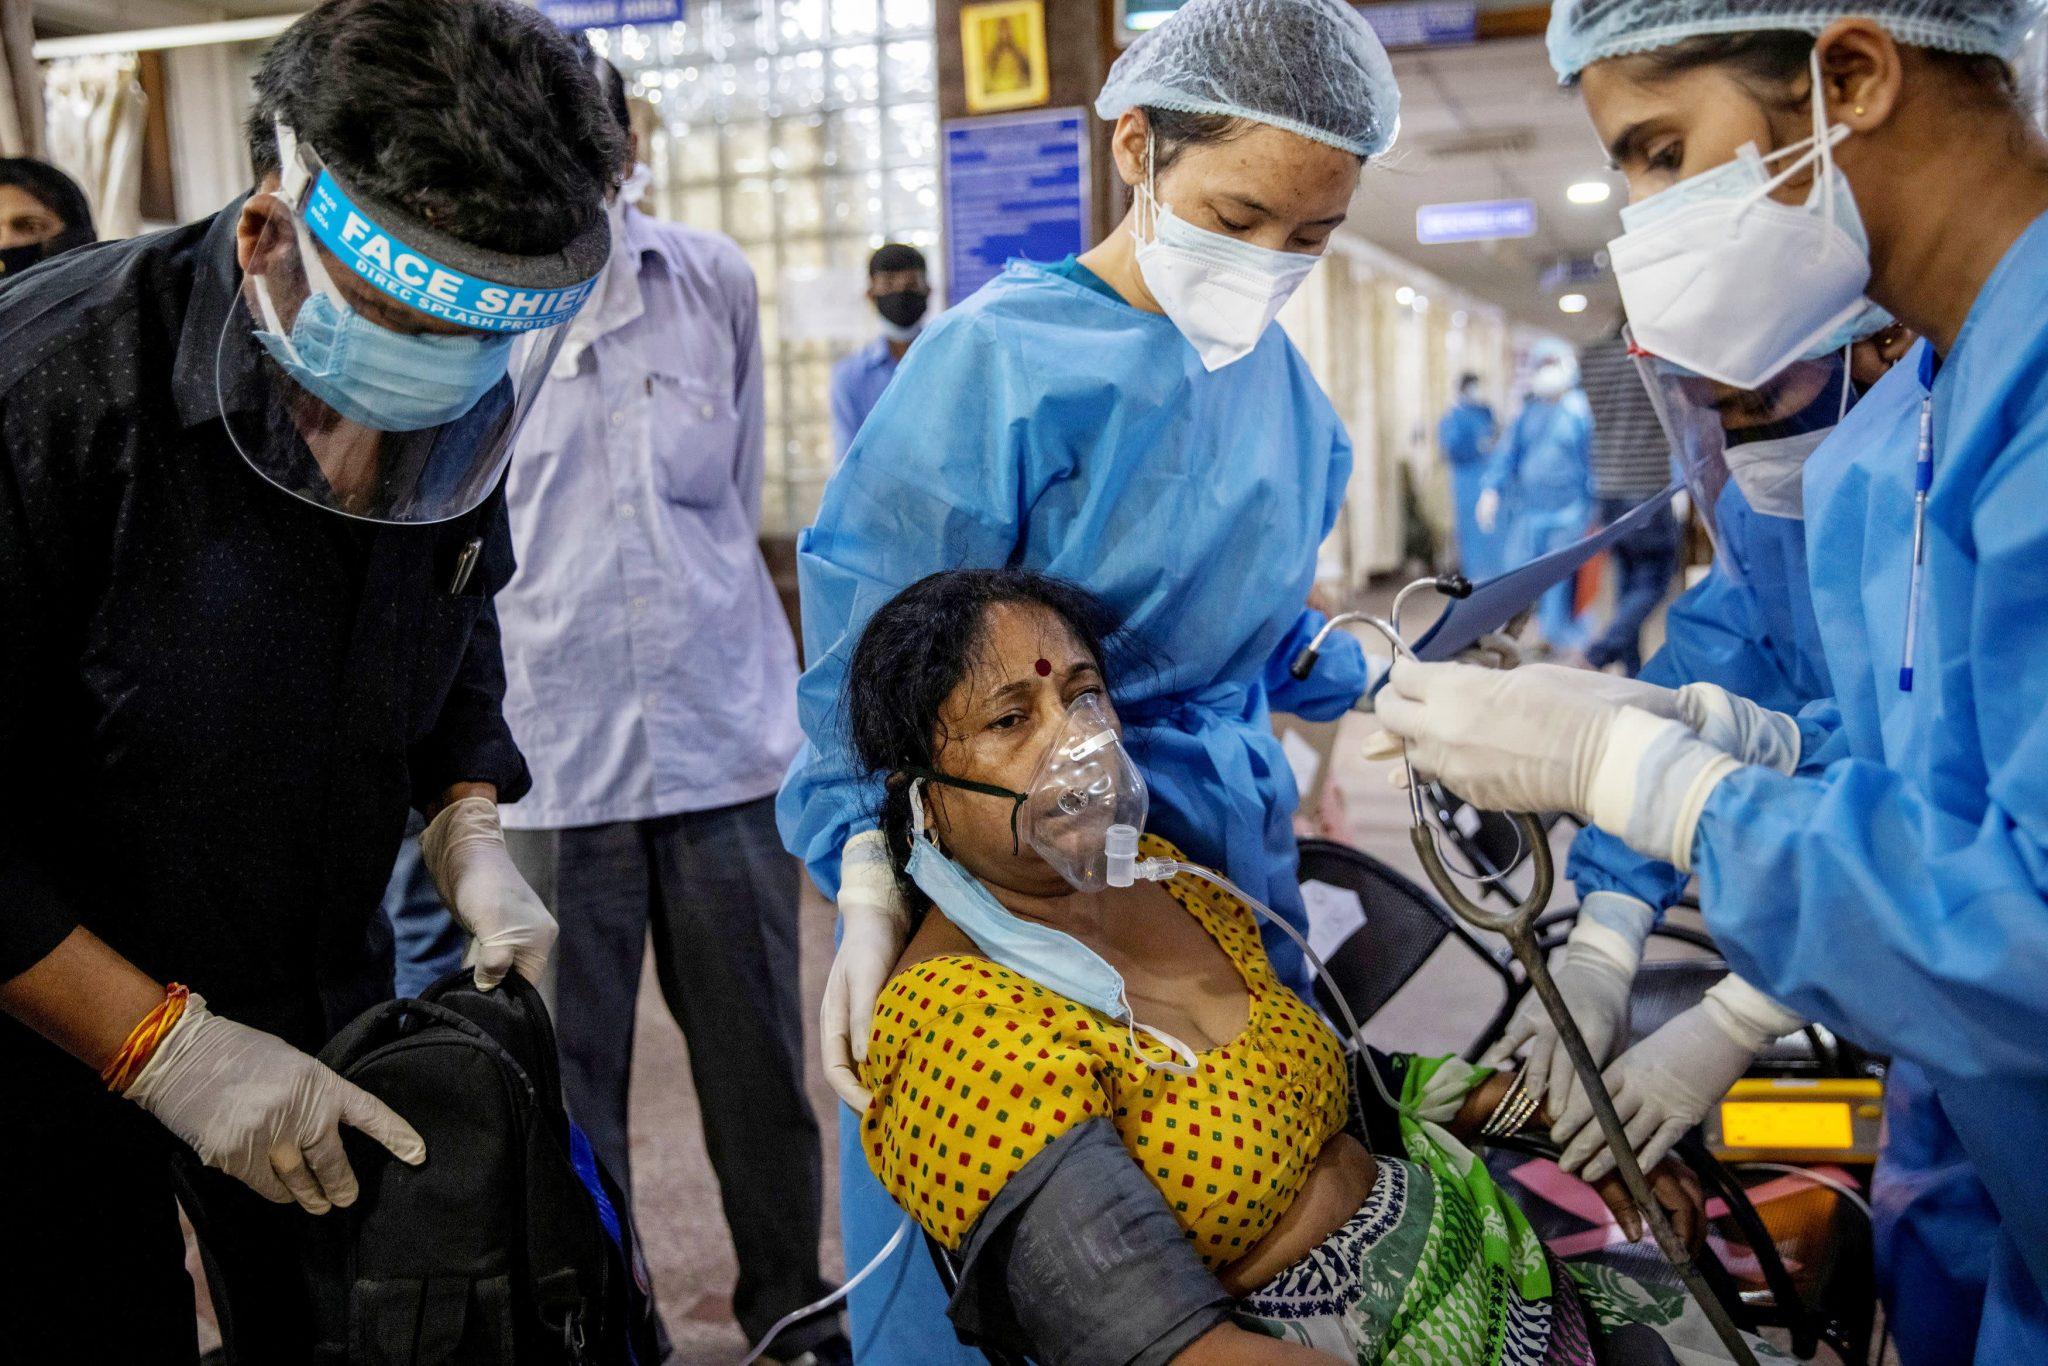 ອາເມລິກາສັ່ງຫ້າມການເດີນທາງຈາກອິນເດຍ ຫລັງຈຳນວນຜູ້ຕິດເຊື້ອໂຄວິດ-19 ເພີ່ມຂຶ້ນບໍ່ຢຸດ - 106875867 1619787992685 106875867 16197043672021 04 29t133208z 1823338364 rc2j5n9qp01b rtrmadp 0 health coronavirus india scaled - ອາເມລິກາສັ່ງຫ້າມການເດີນທາງຈາກອິນເດຍ ຫລັງຈຳນວນຜູ້ຕິດເຊື້ອໂຄວິດ-19 ເພີ່ມຂຶ້ນບໍ່ຢຸດ